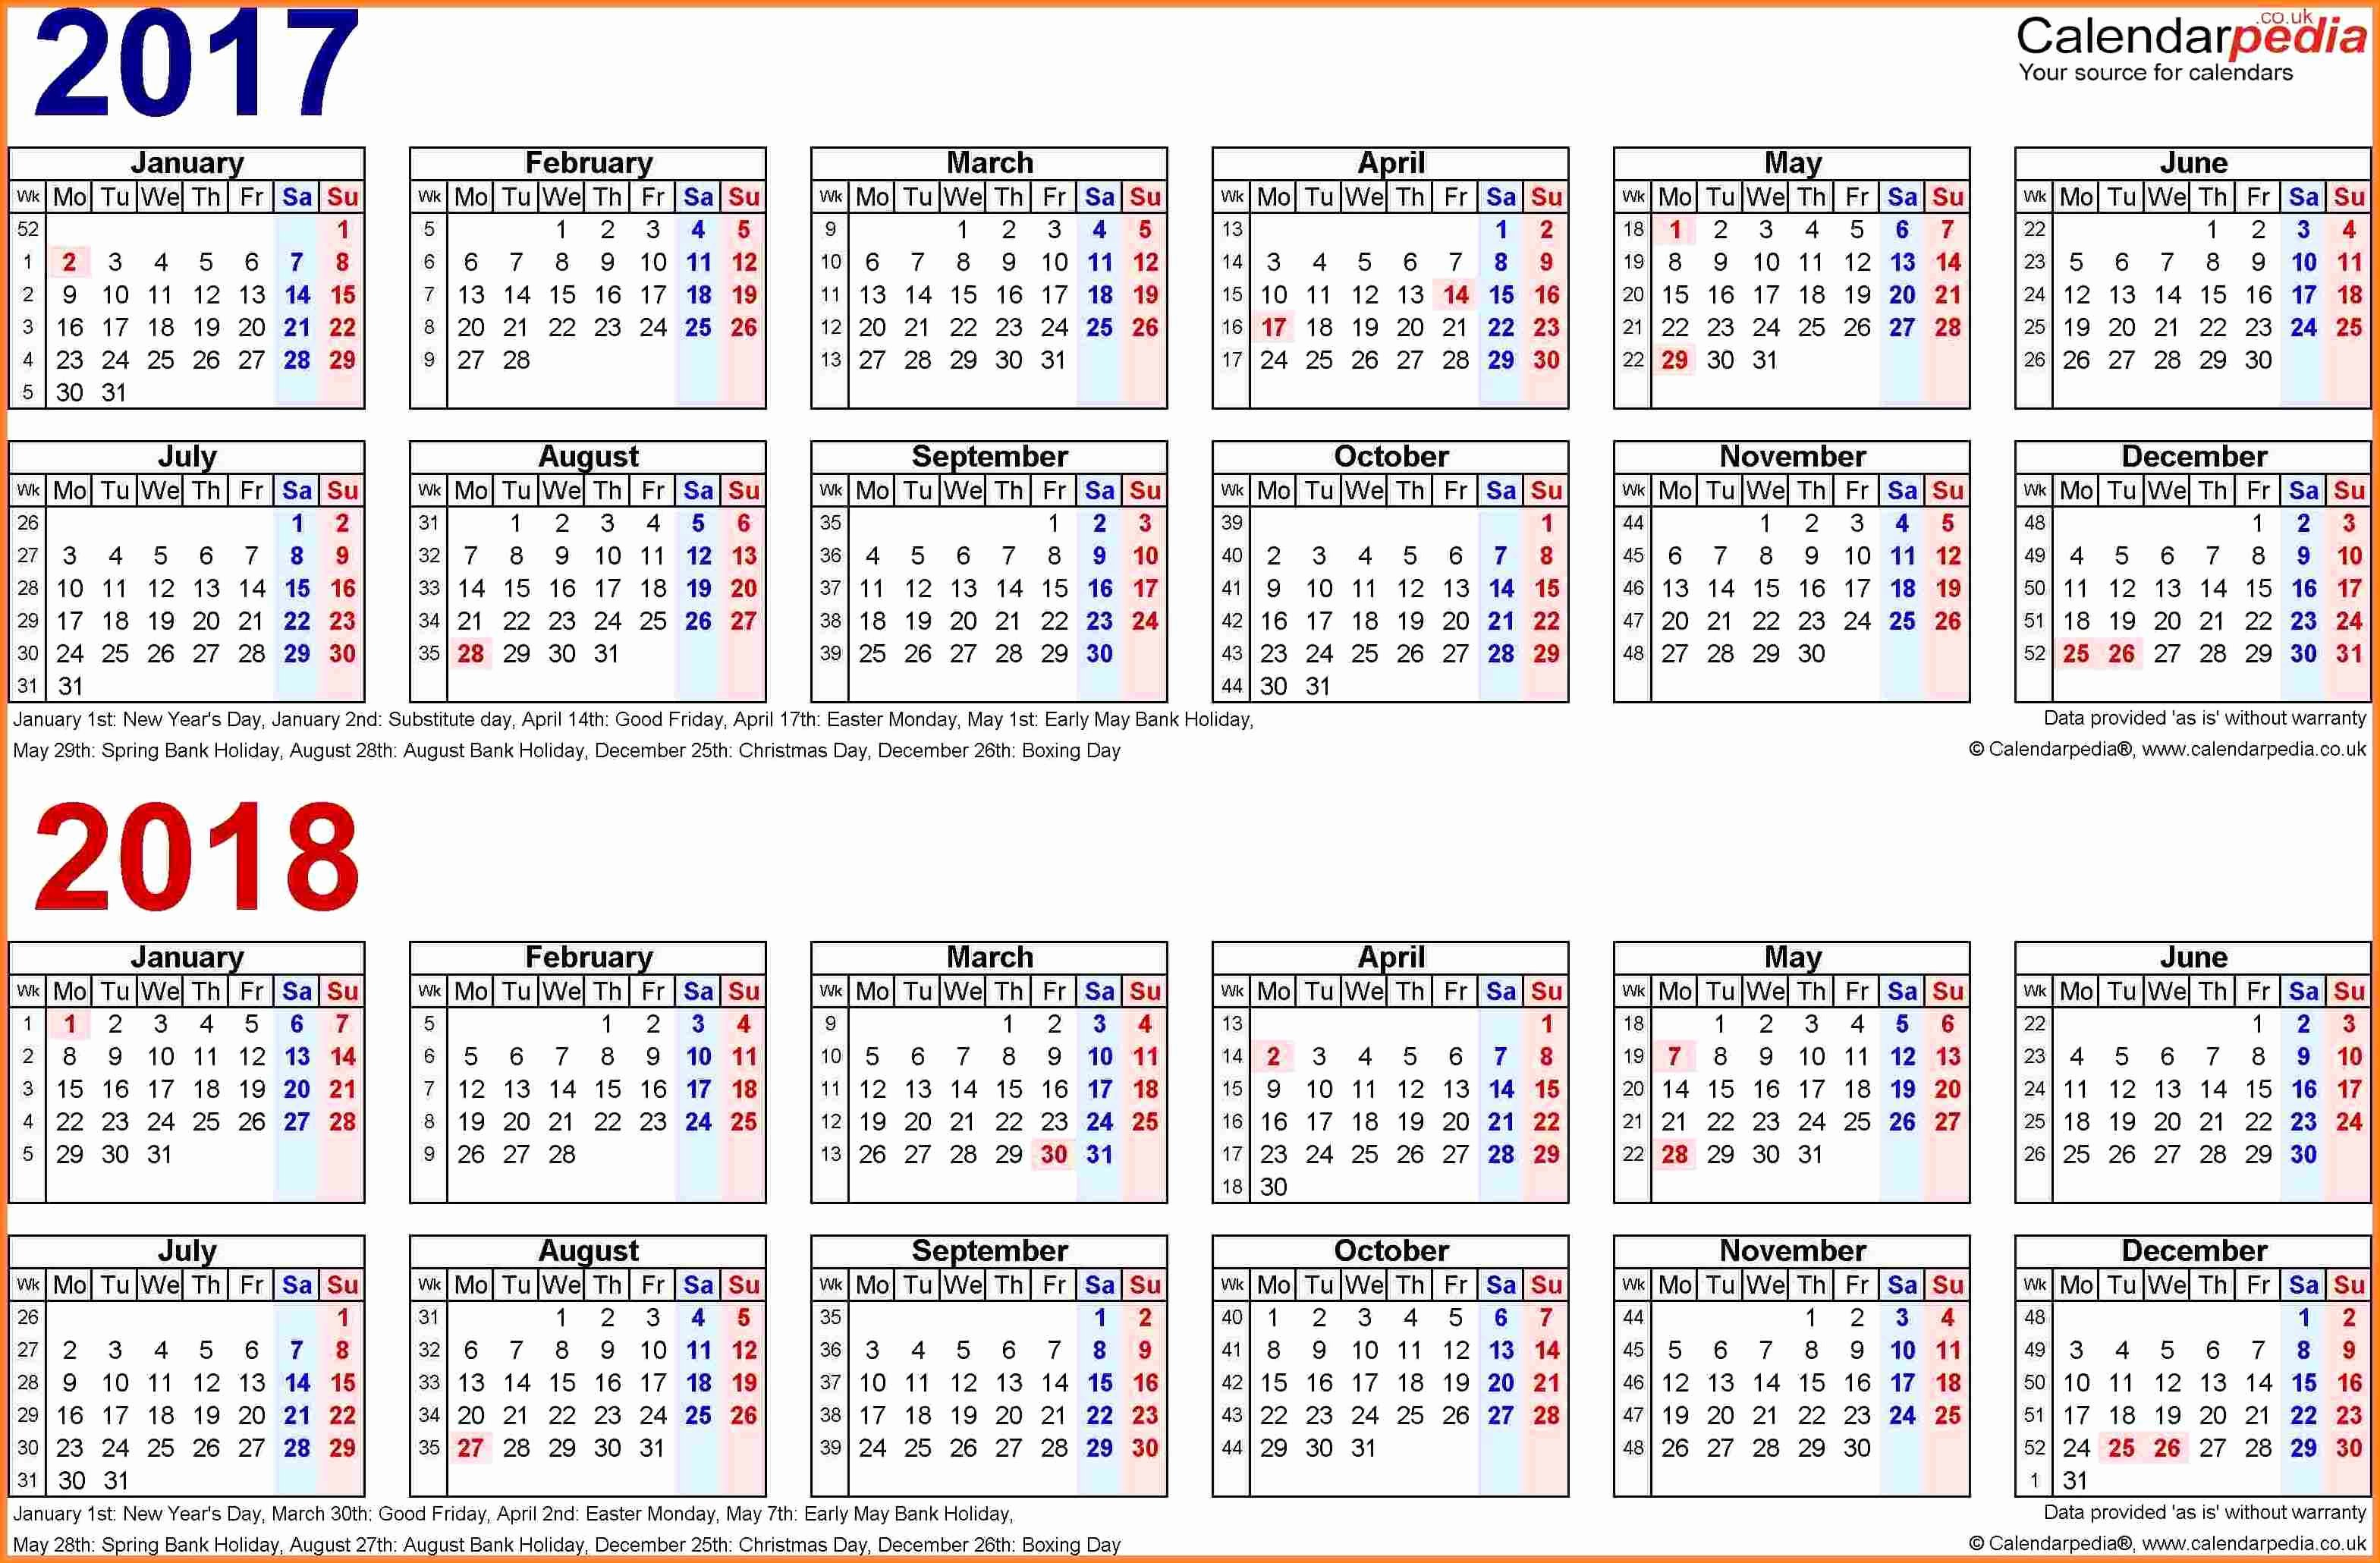 2017 Biweekly Payroll Calendar Template New 12 Payroll Calendar Template 2017